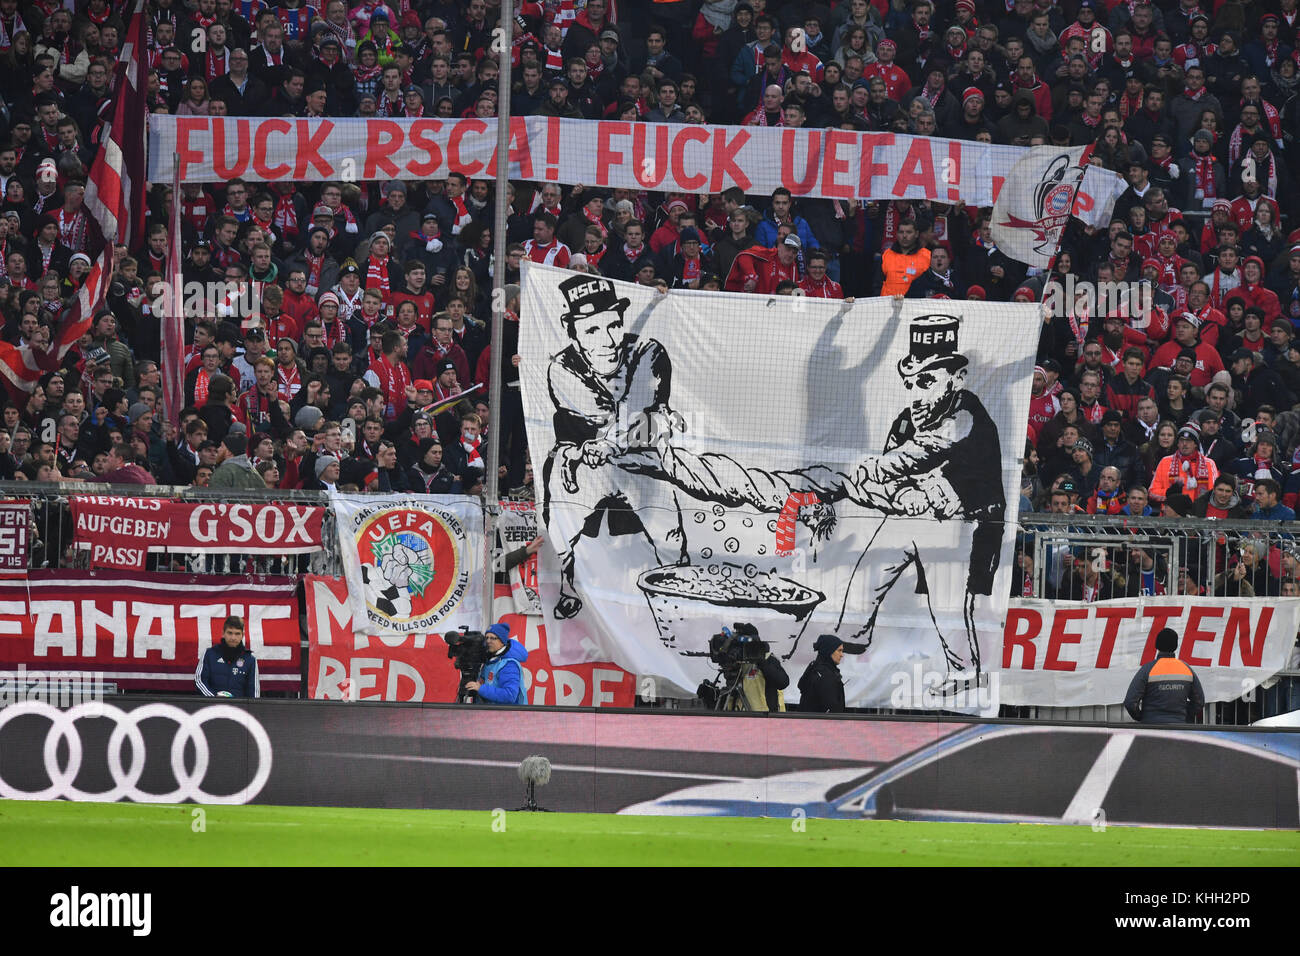 Anti UEFA Banner, Transparent im Bayern Fanblock, Fussball 1. Bundesliga, 12.Spieltag, Spieltag12, FC Bayern Munich - Stock Image